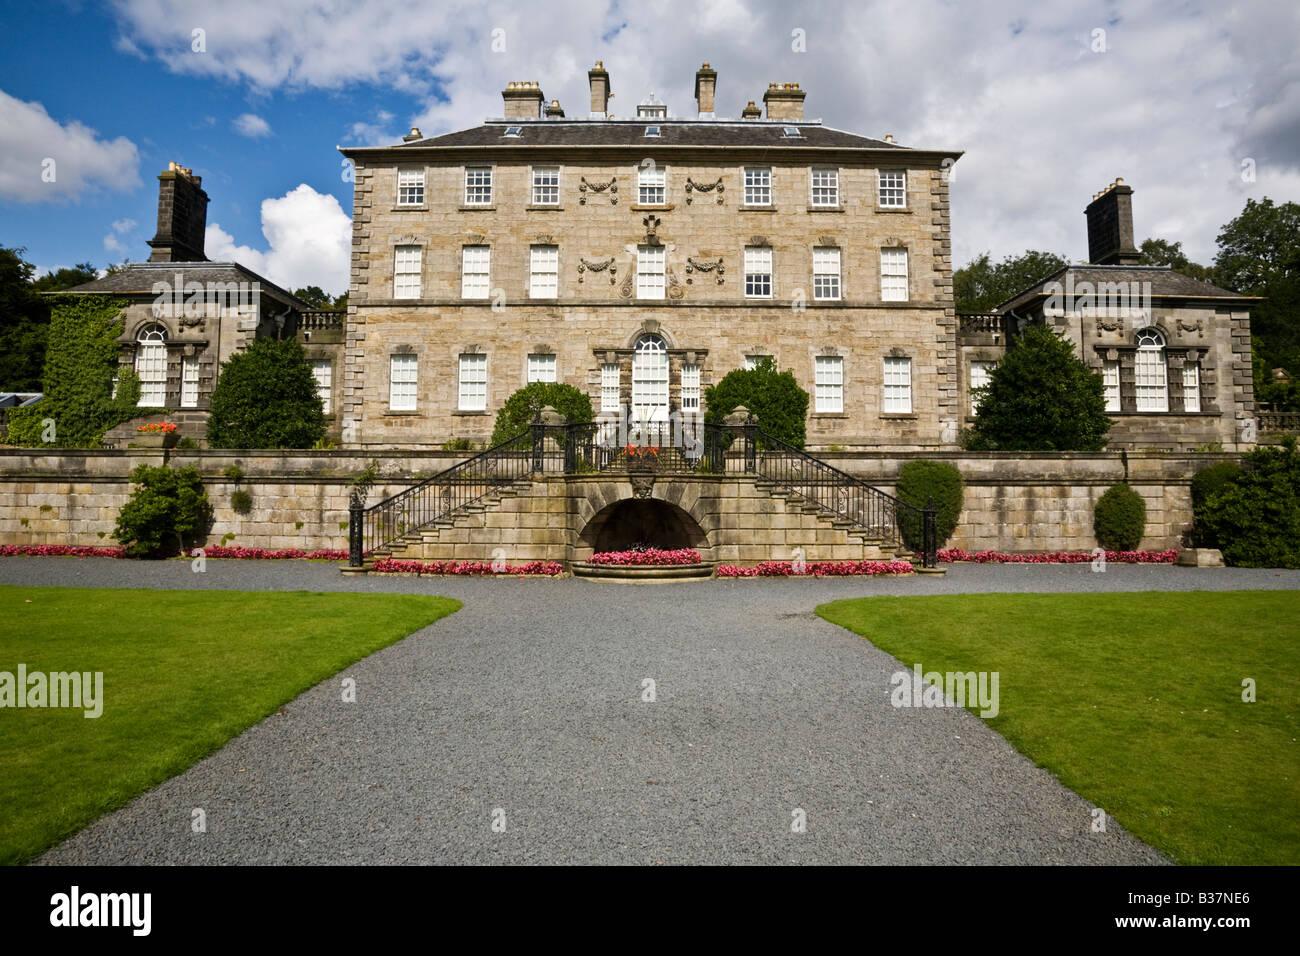 Pollok House, Pollok Park, Glasgow, Scotland. - Stock Image